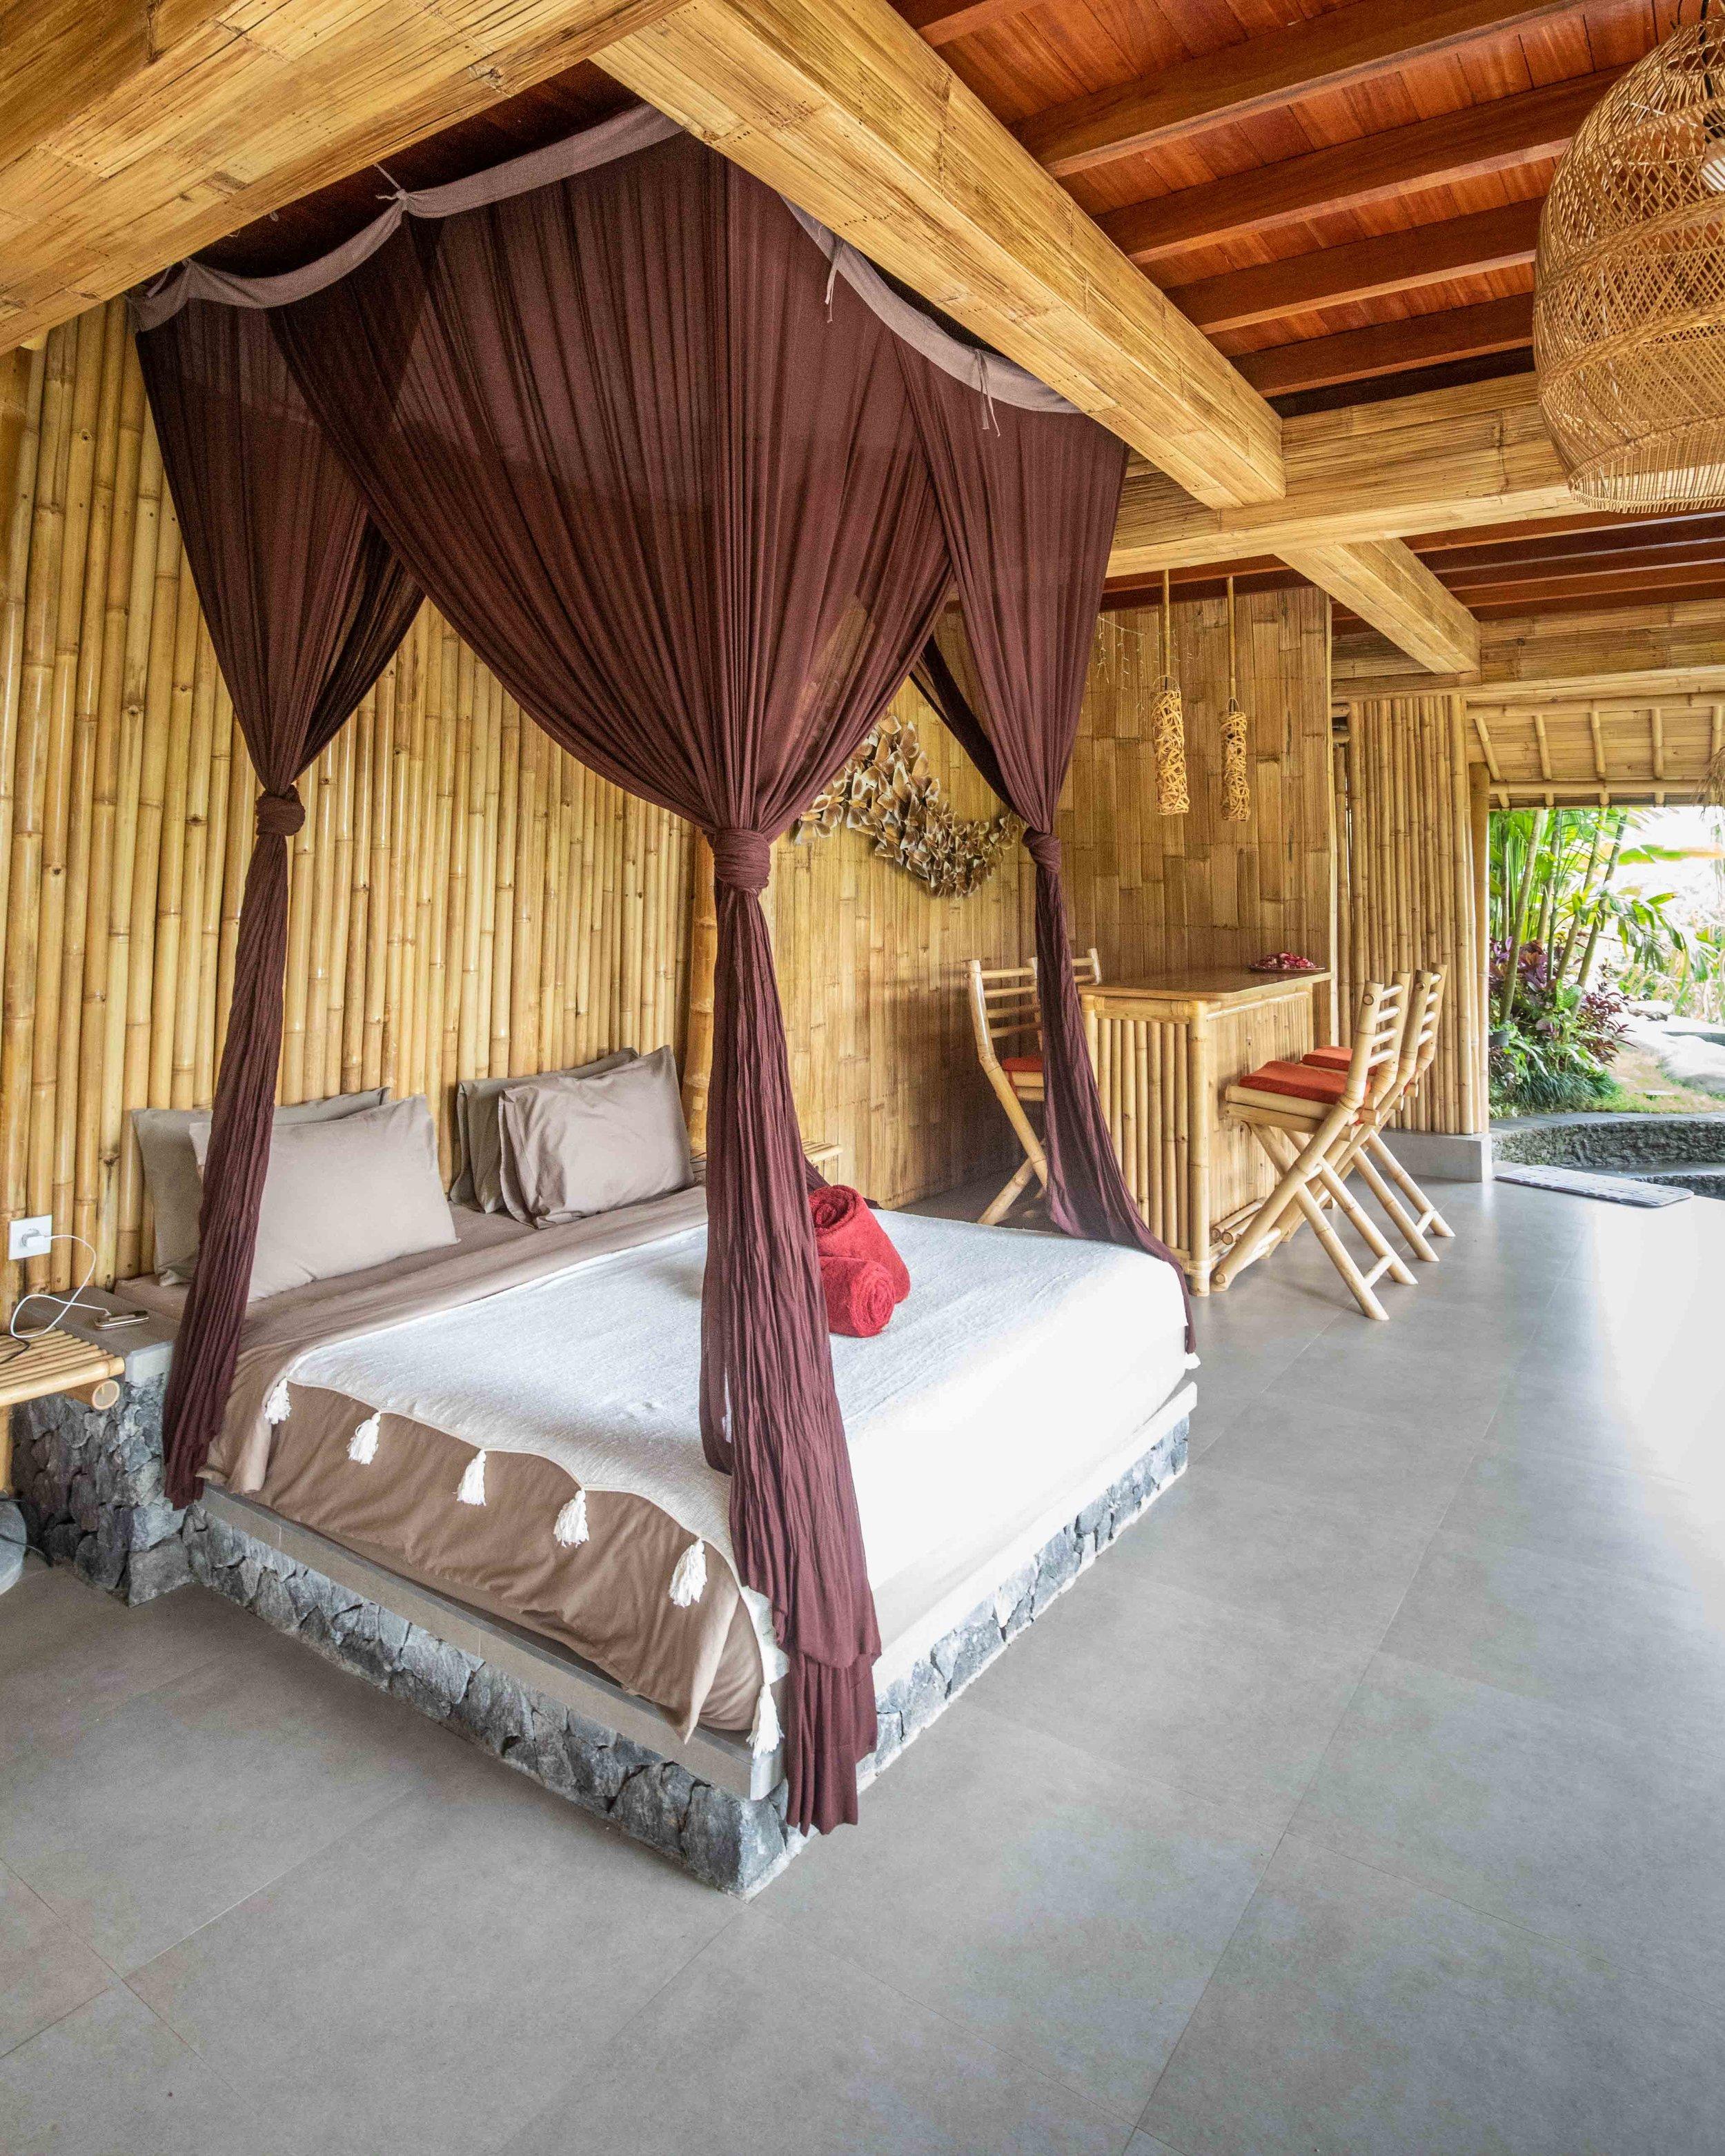 Camaya Bali - Where to stay in Sidemen